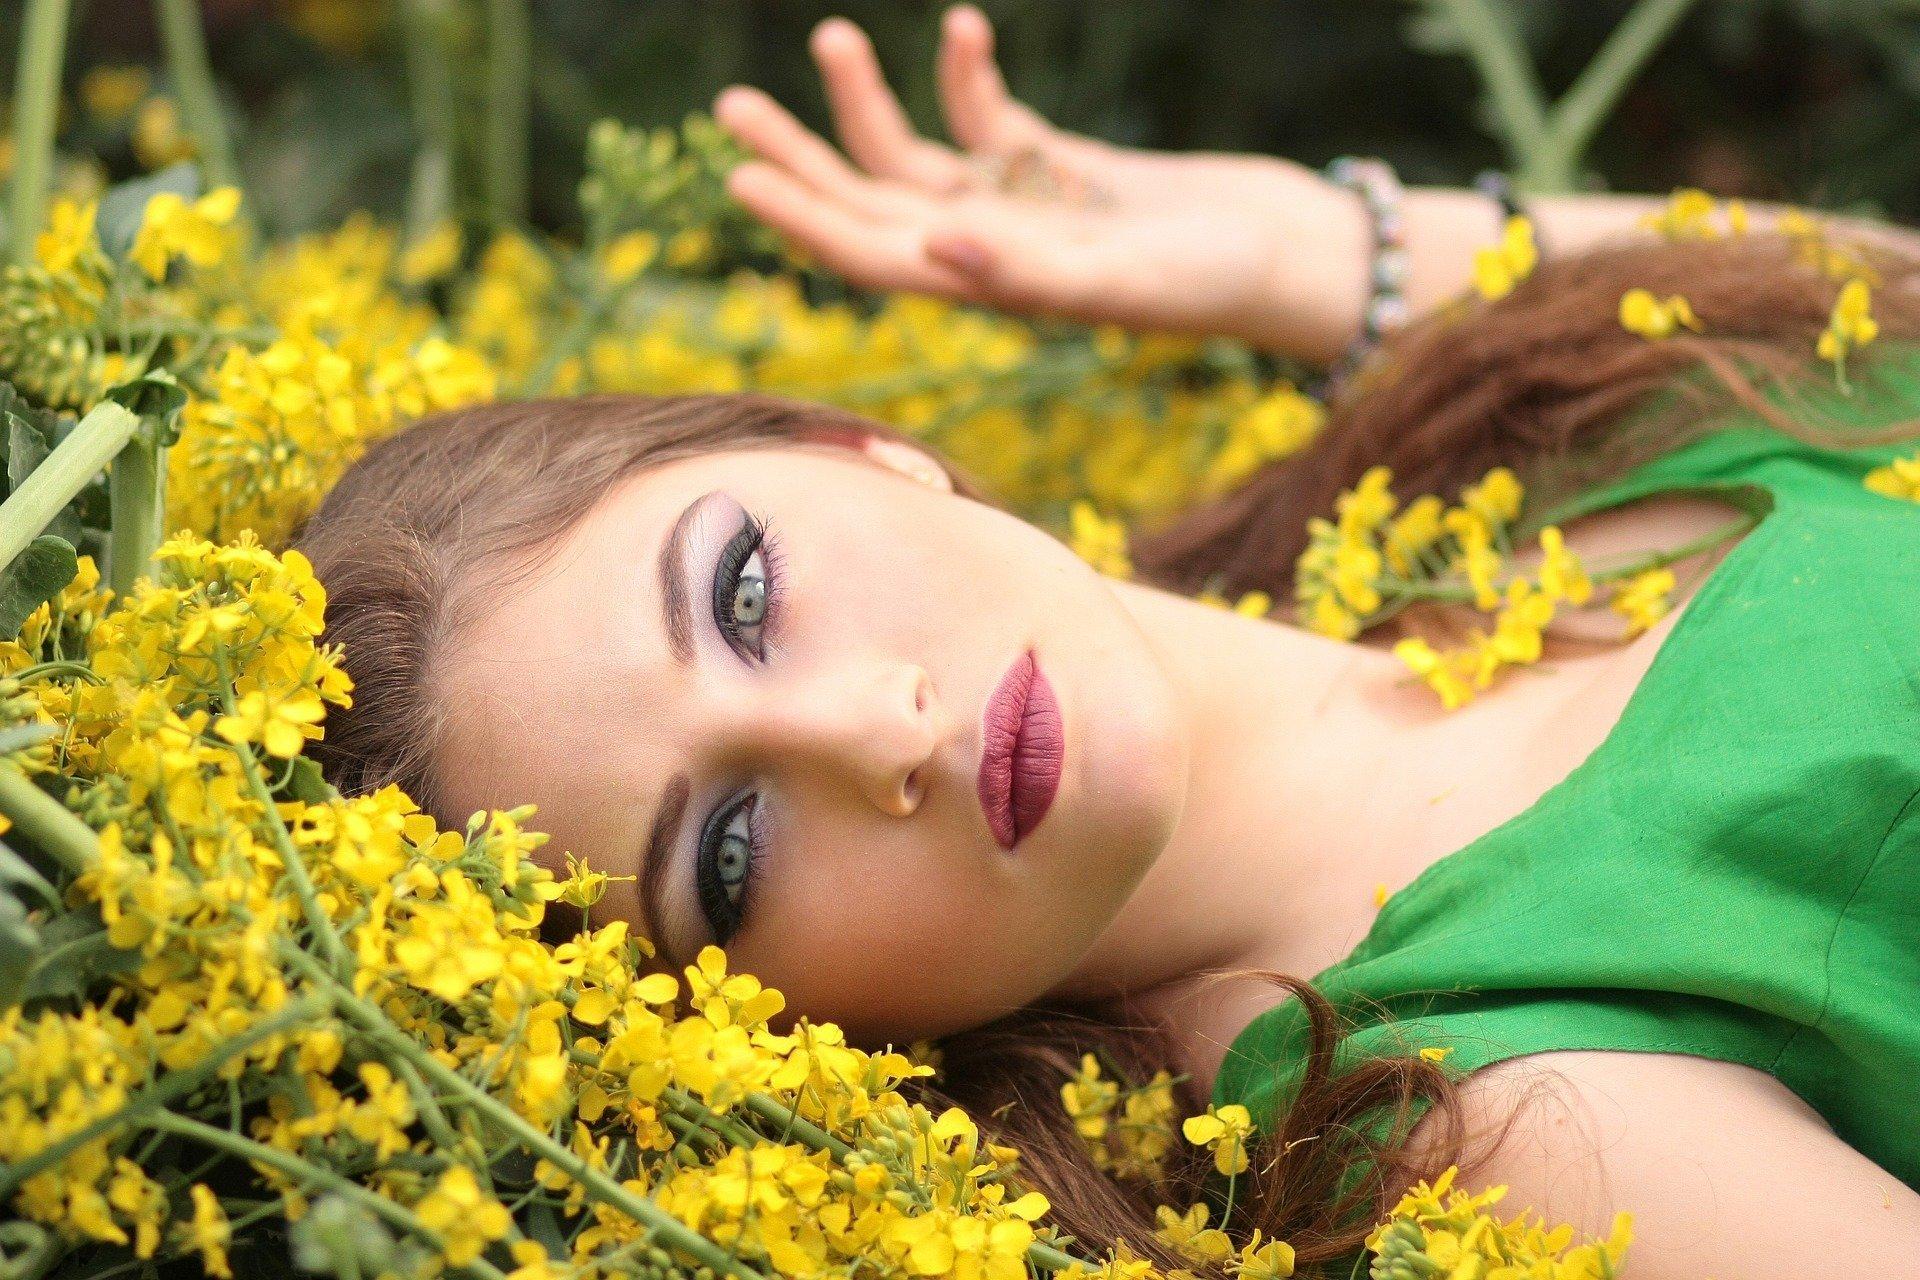 Come valorizzare gli occhi verdi con il trucco